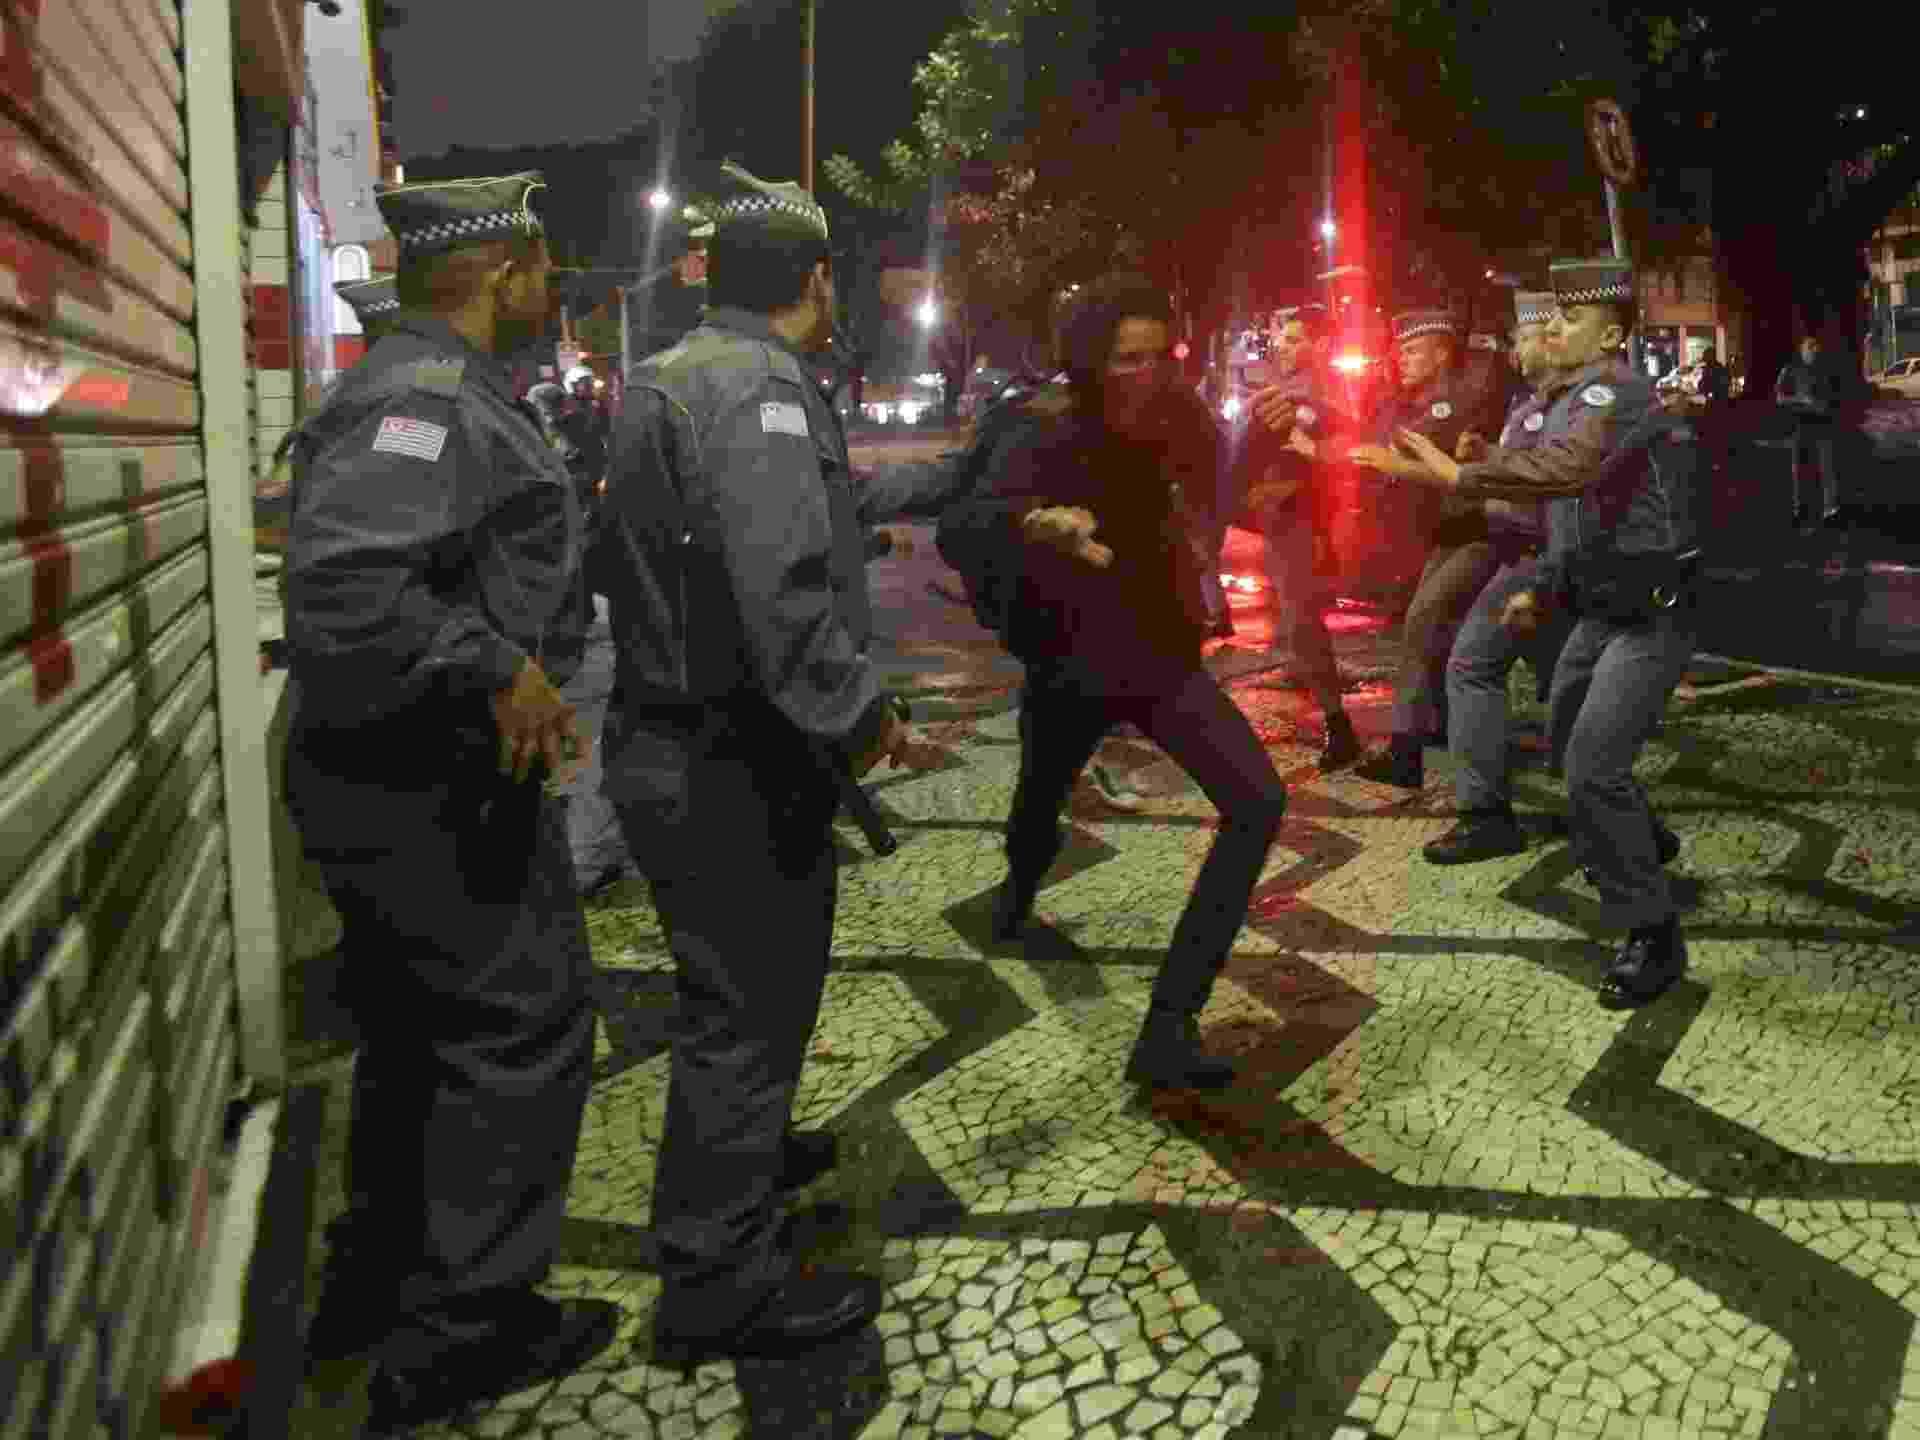 18.mai.2016 - Alunos de escolas estaduais e do ensino técnico bloquearam a avenida Paulista, em São Paulo, em protesto por melhorias na educação e punição aos desvios de recursos destinados à merenda escolar. Eles saíram caminhando em direção ao centro e na Praça da República houve uma confusão entre policiais e os manifestantes - Gabriela Biló/Estadão Conteúdo